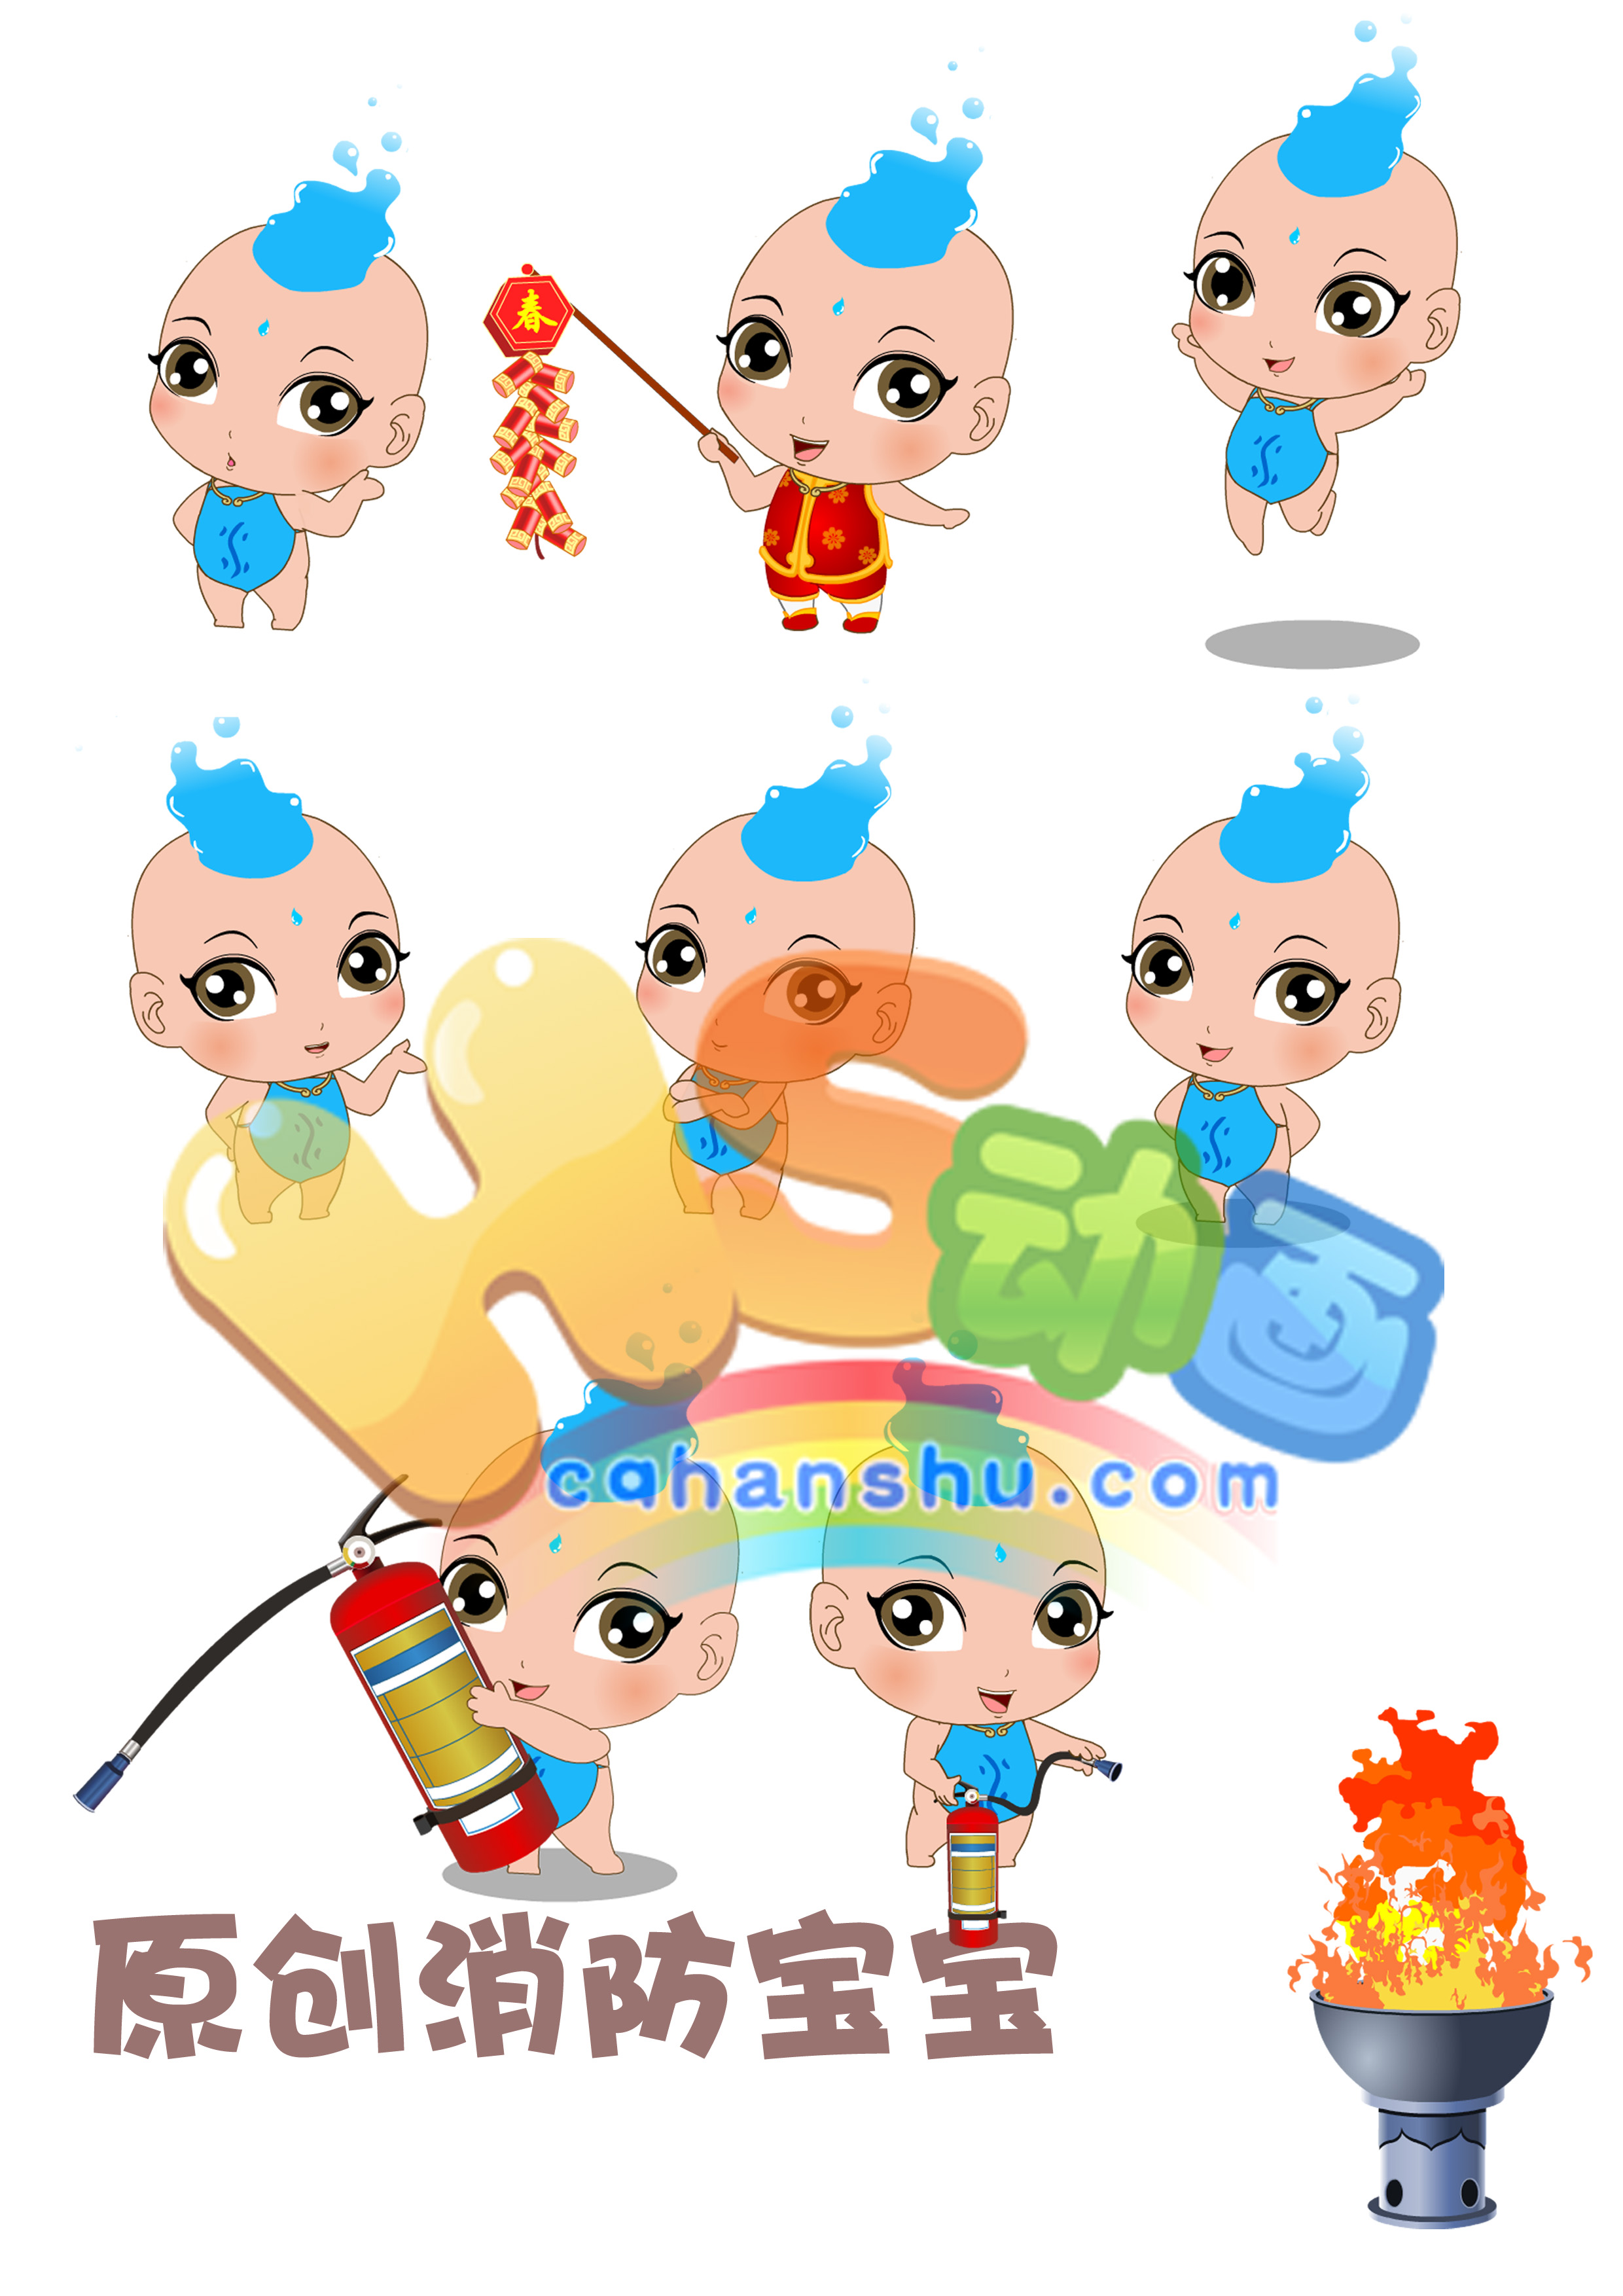 吉祥物 吉祥物设计 - 重庆动画公司 动画制作 三维3d